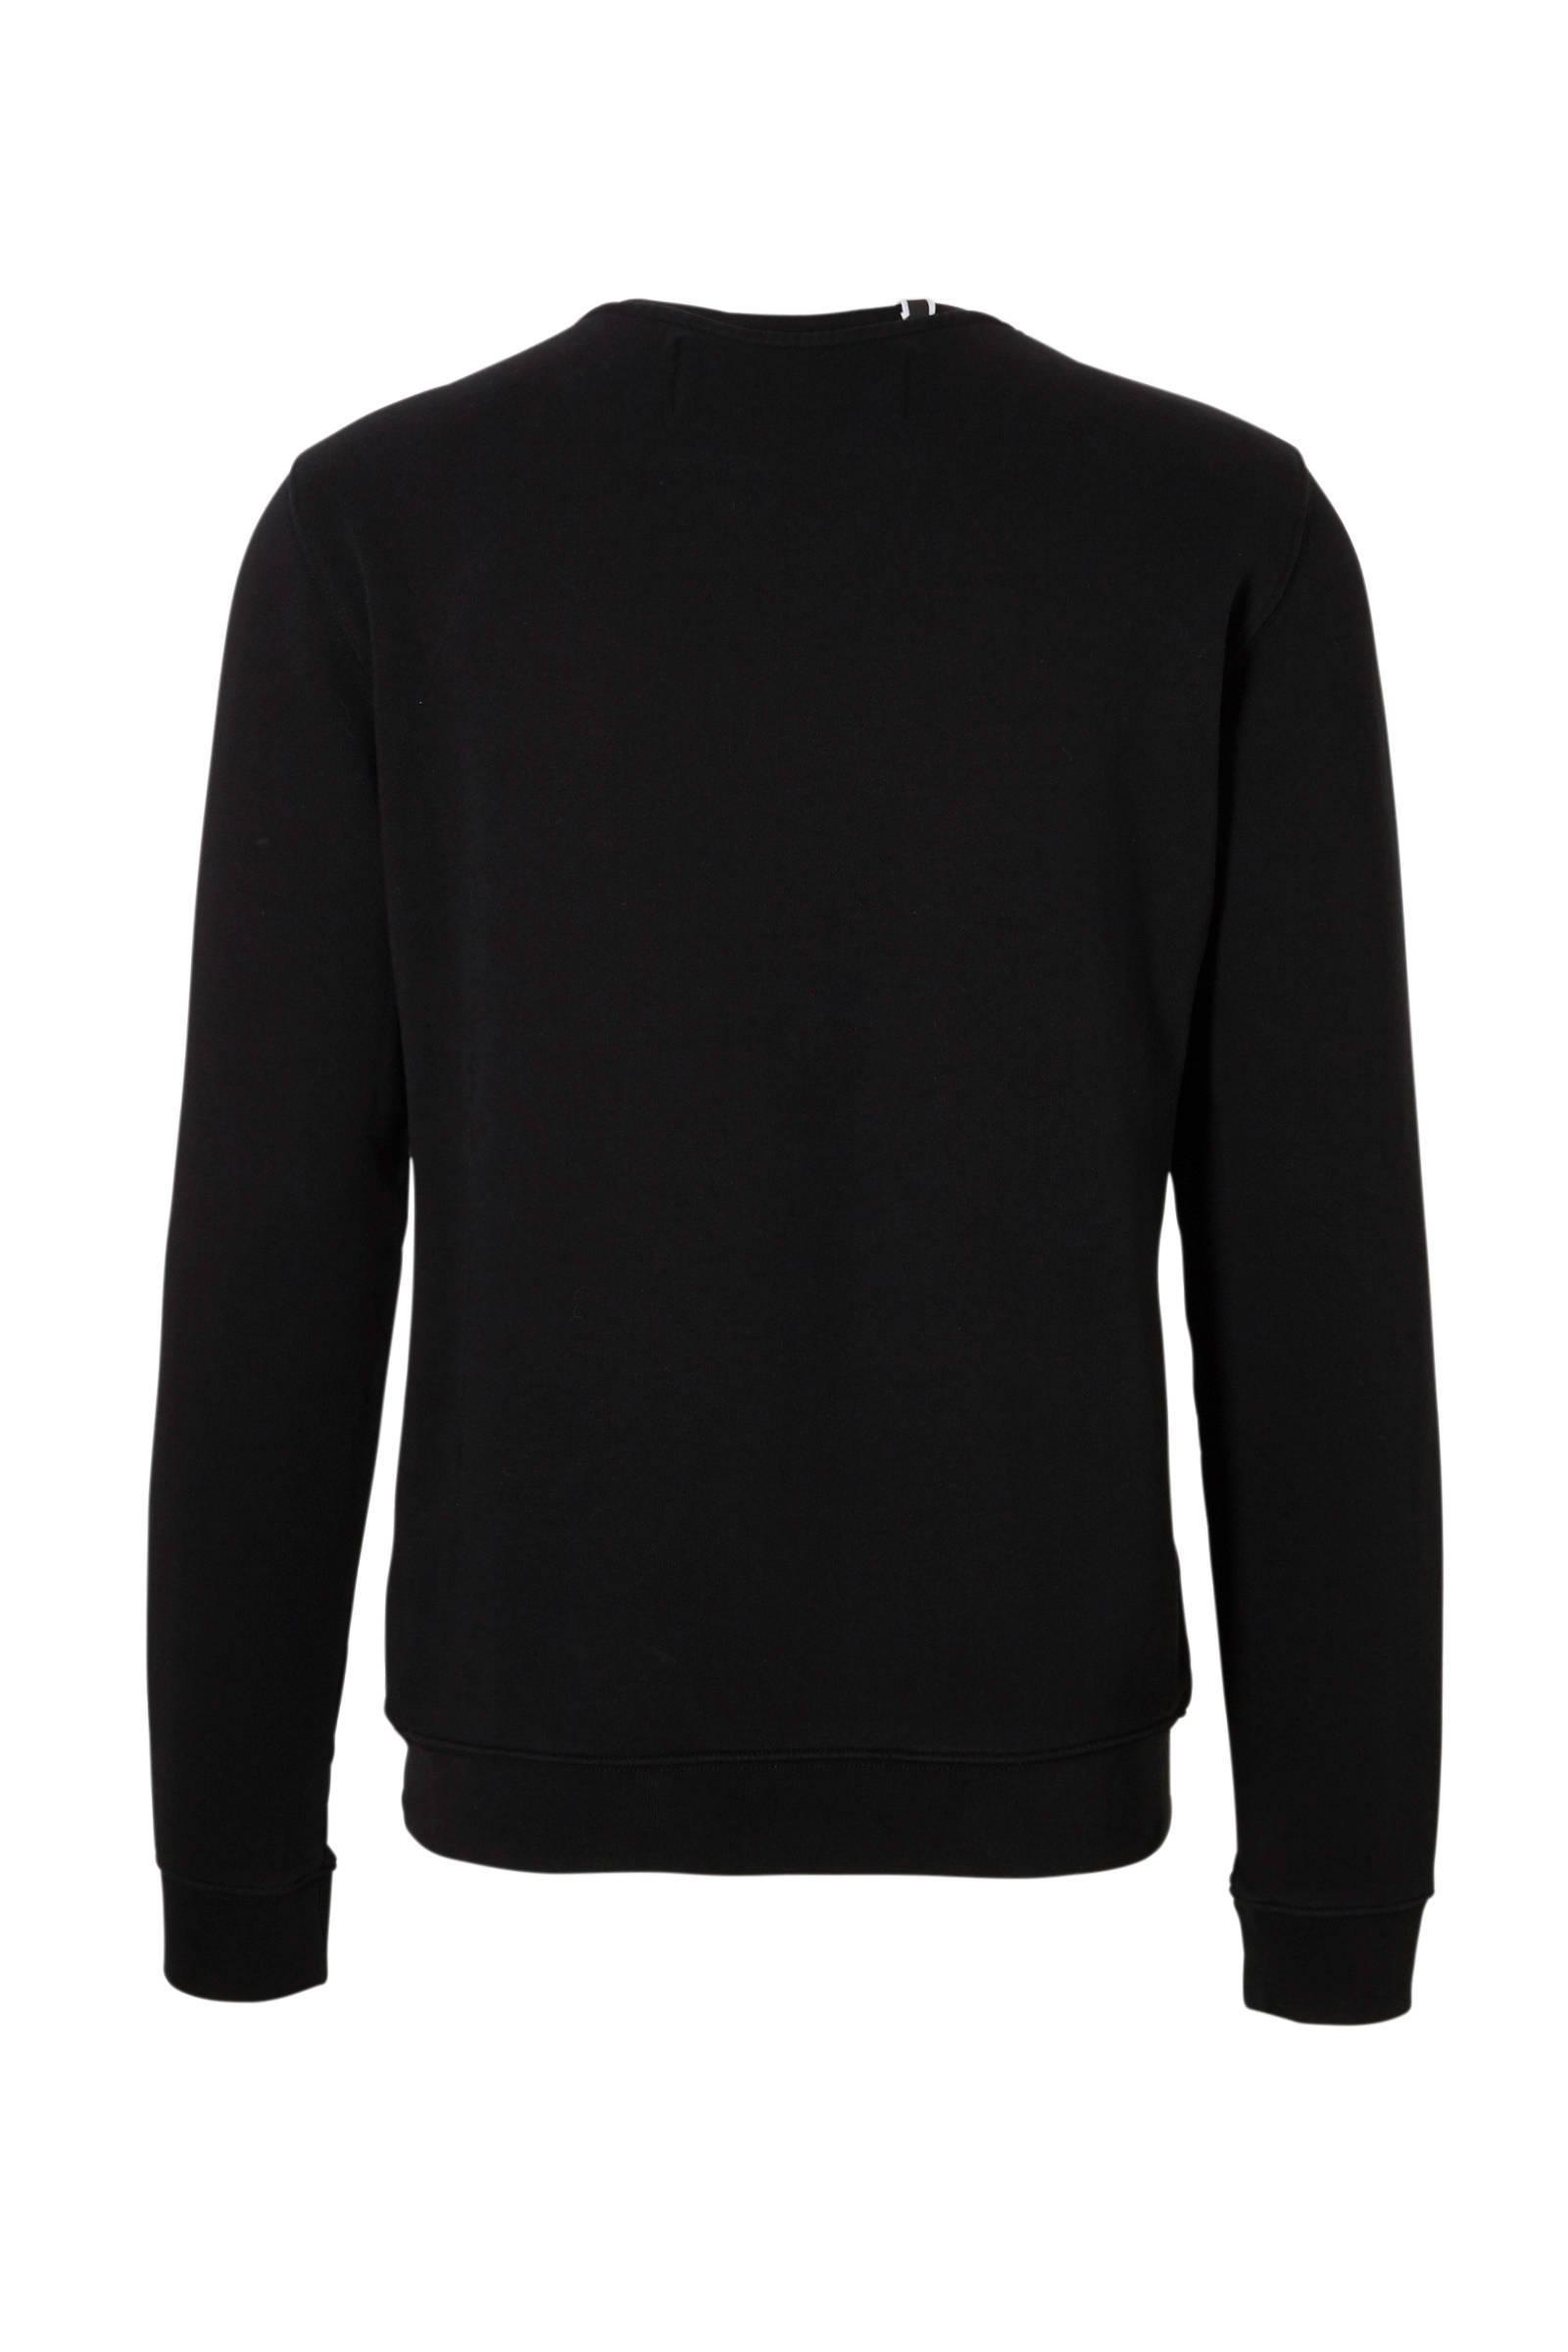 Replay Sweater Met Logo Zwart in het Zwart voor heren